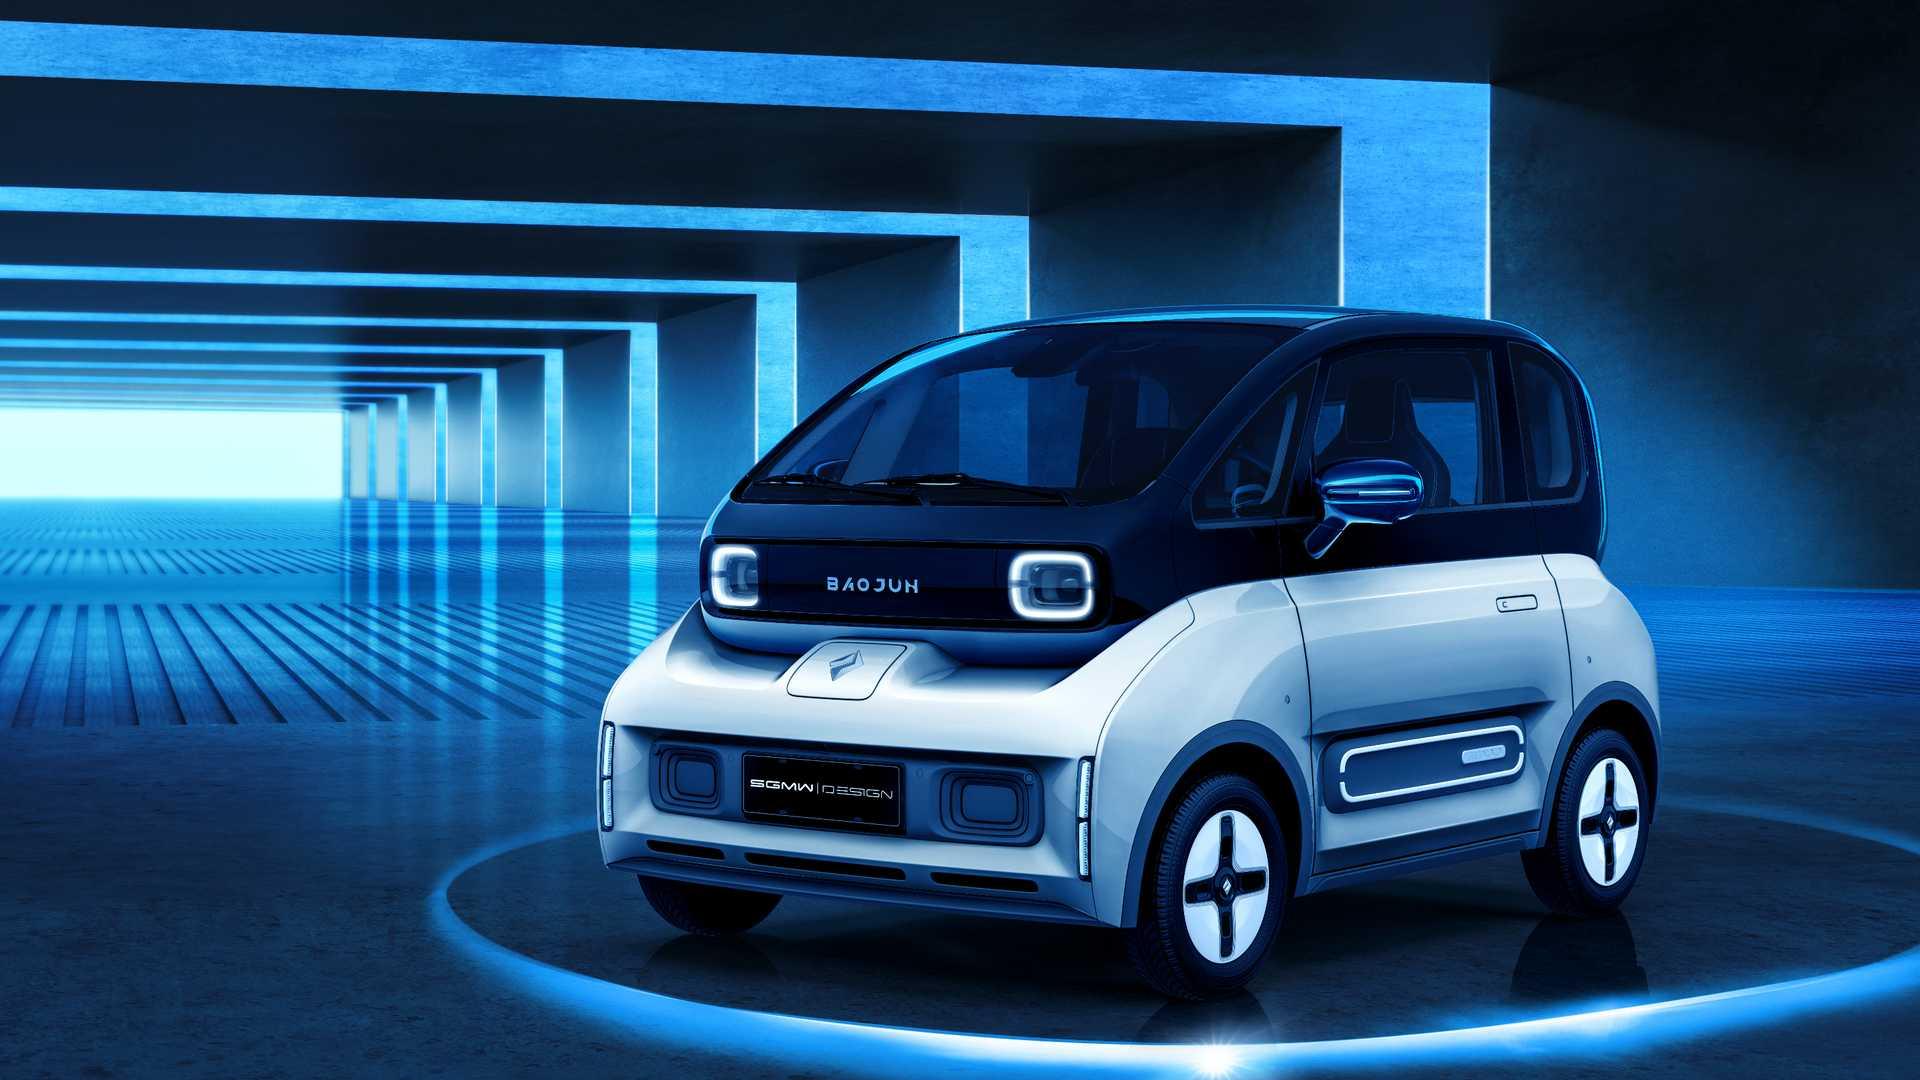 Xiaomi e Baojun vão lançar carro elétrico de R$ 40 mil na China